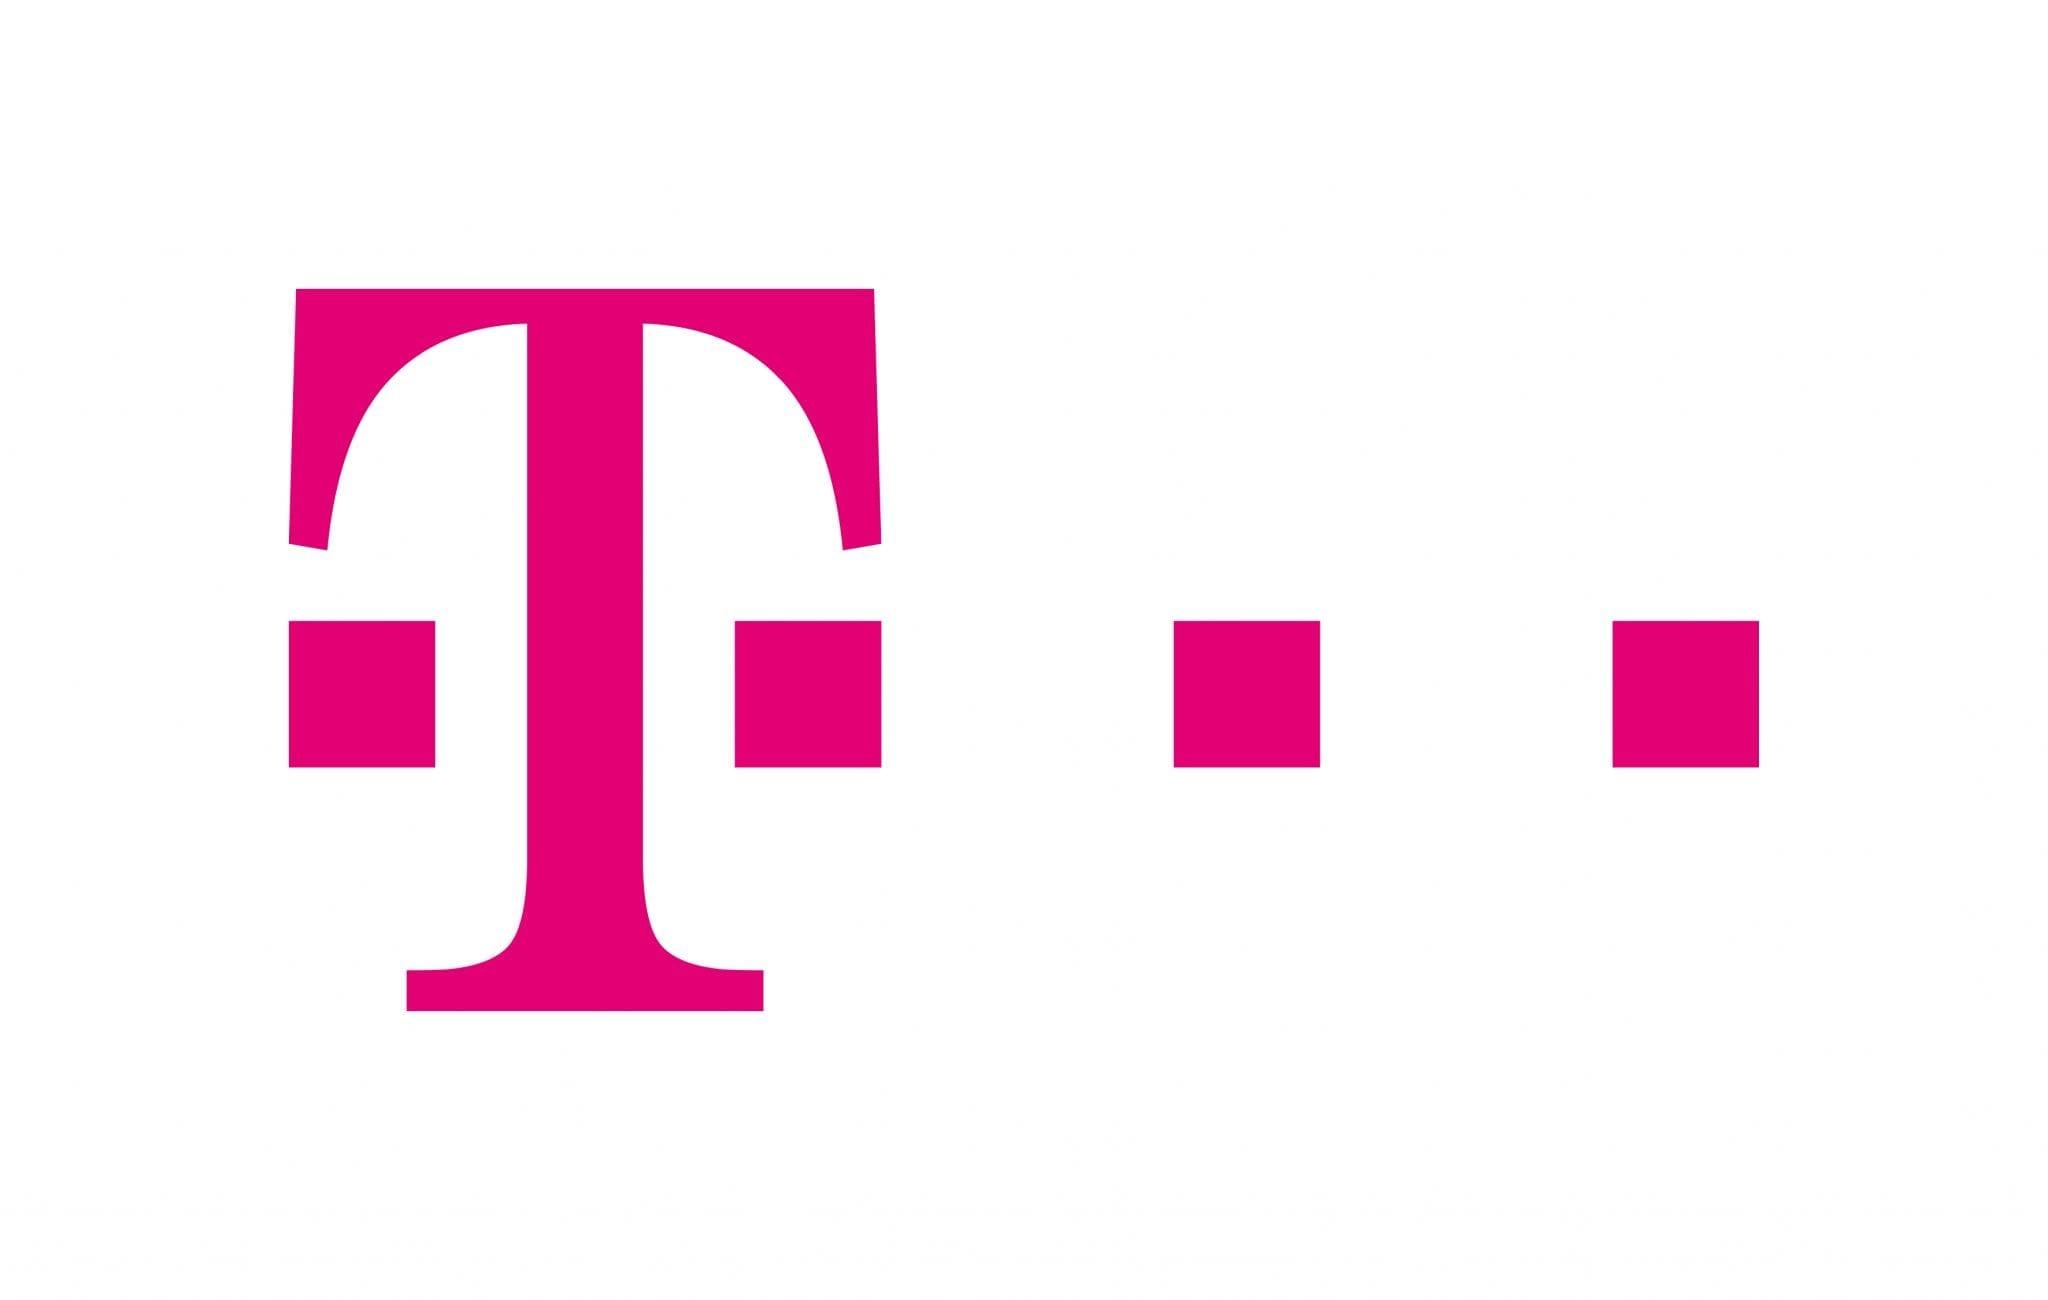 Telekom prezintă noua ofertă MagentaONE